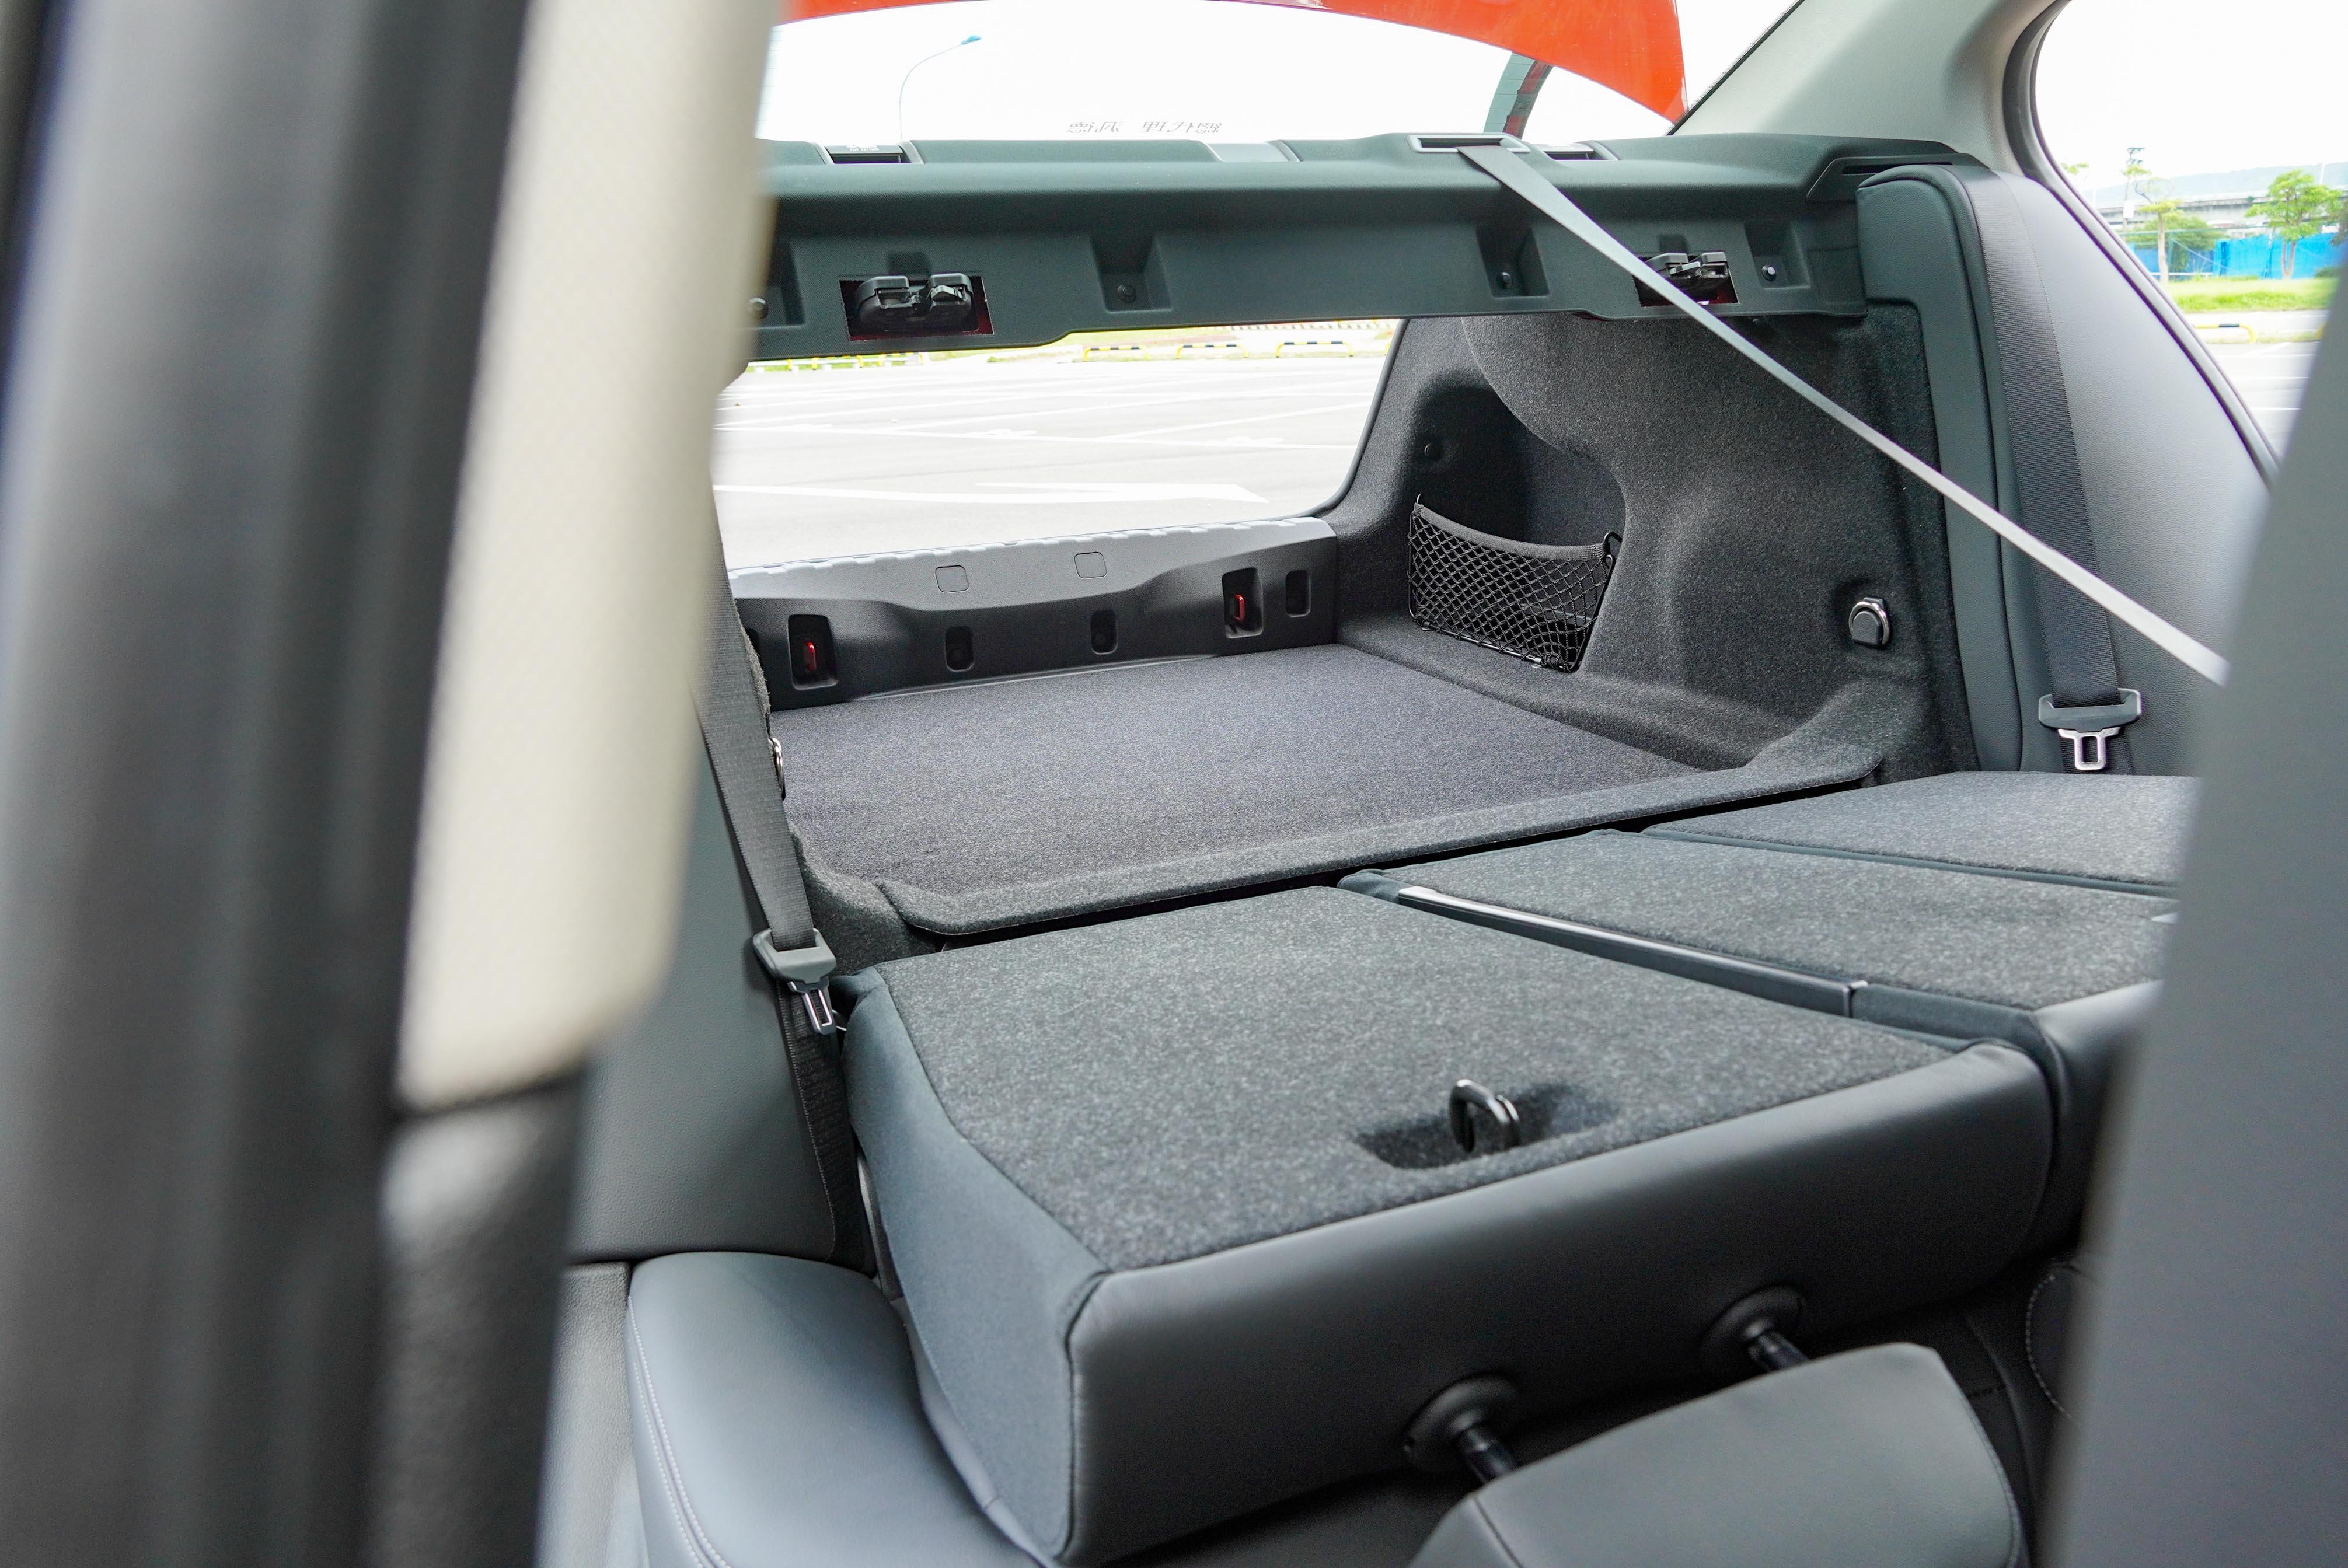 318i Luxury 標配 4/2/4 椅背分離傾倒。